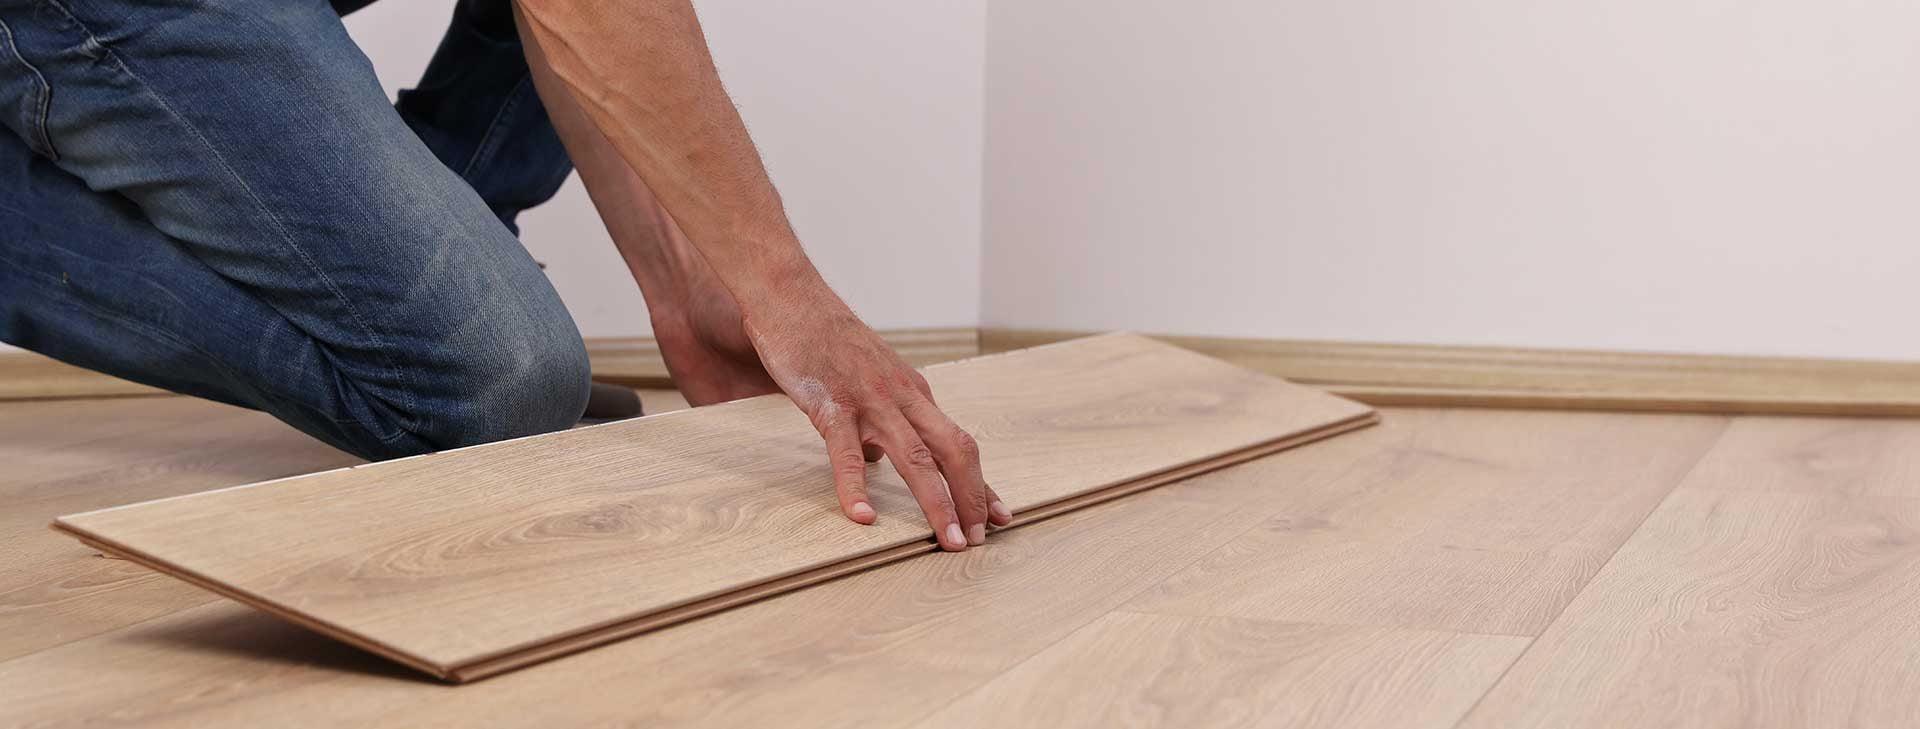 Wir liefern und verlegen Fußbodenbeläge, Fliesen und Tapezieren auch